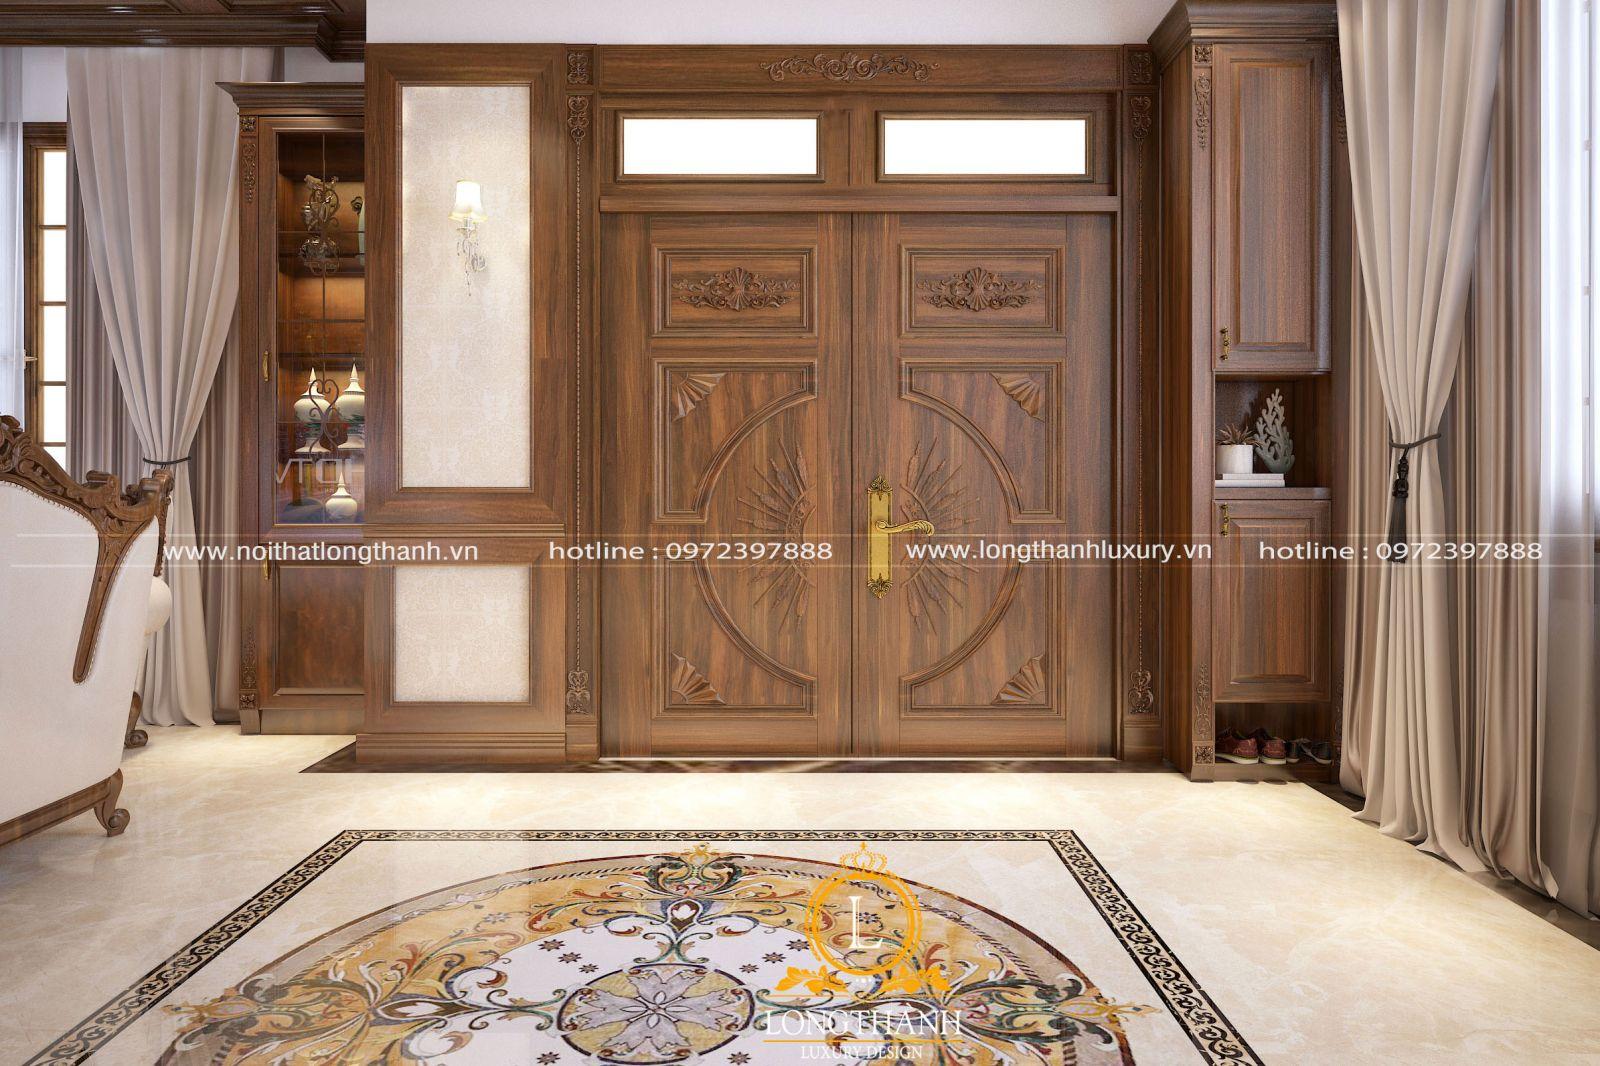 Mẫu cửa chính tân cổ điển gỗ Gõ tự nhiên với thiết kế san trọng tinh tế